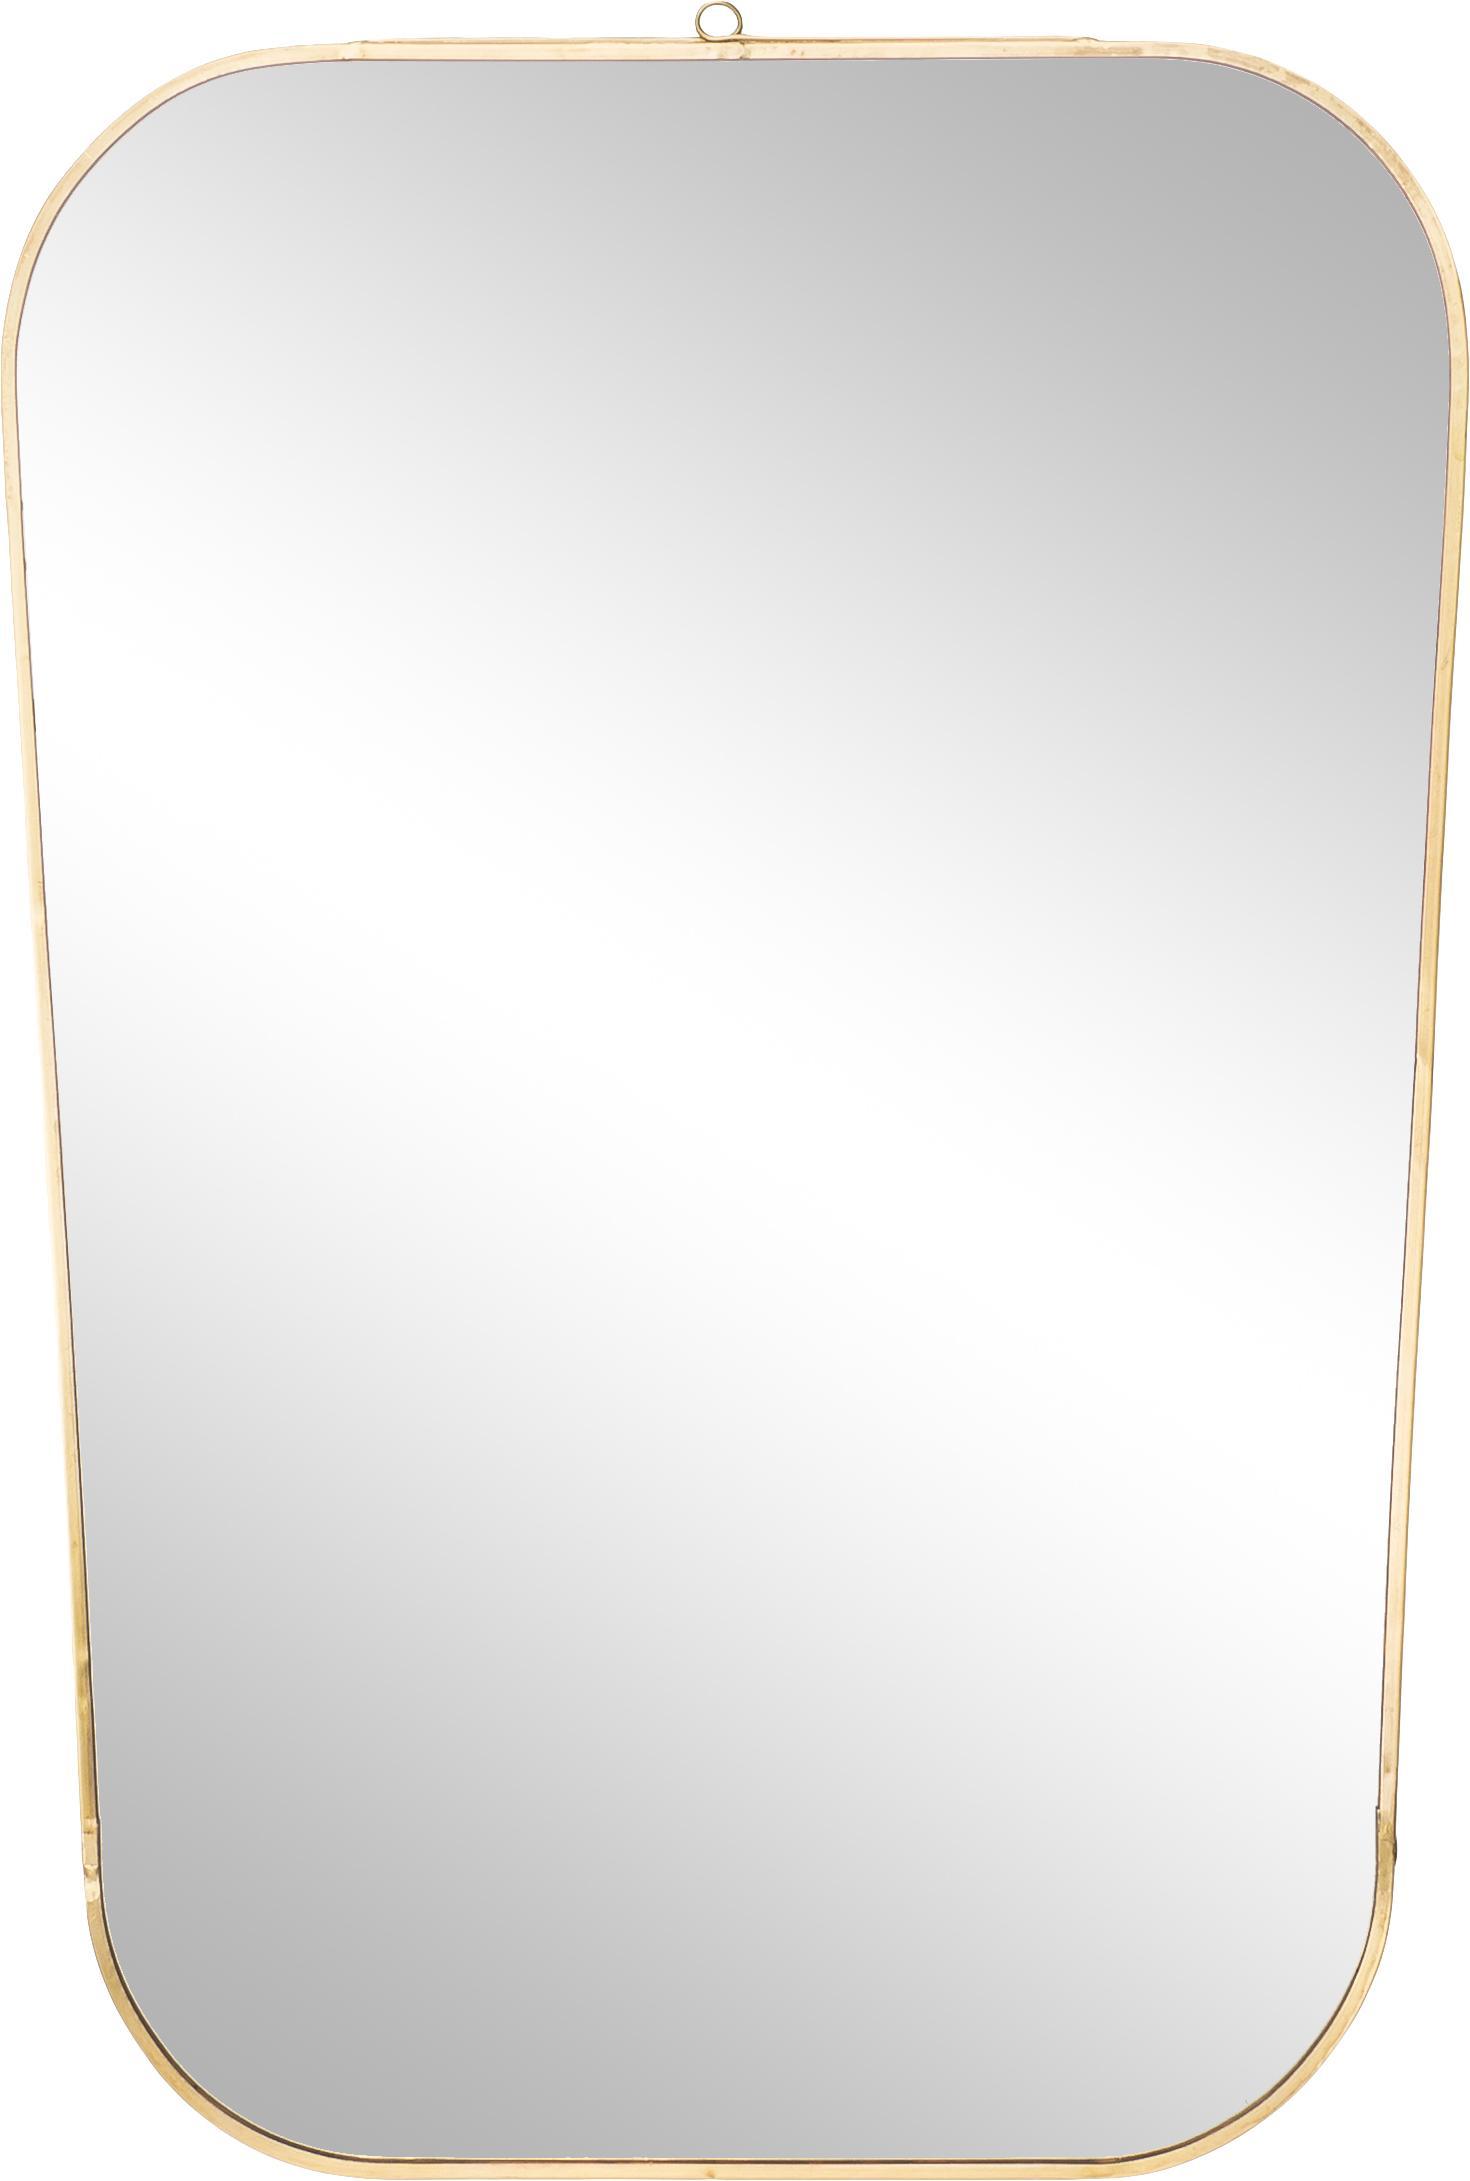 Wandspiegel Rounded, Frame: gelakt ijzer met antieke , Goudkleurig, 35 x 51 cm